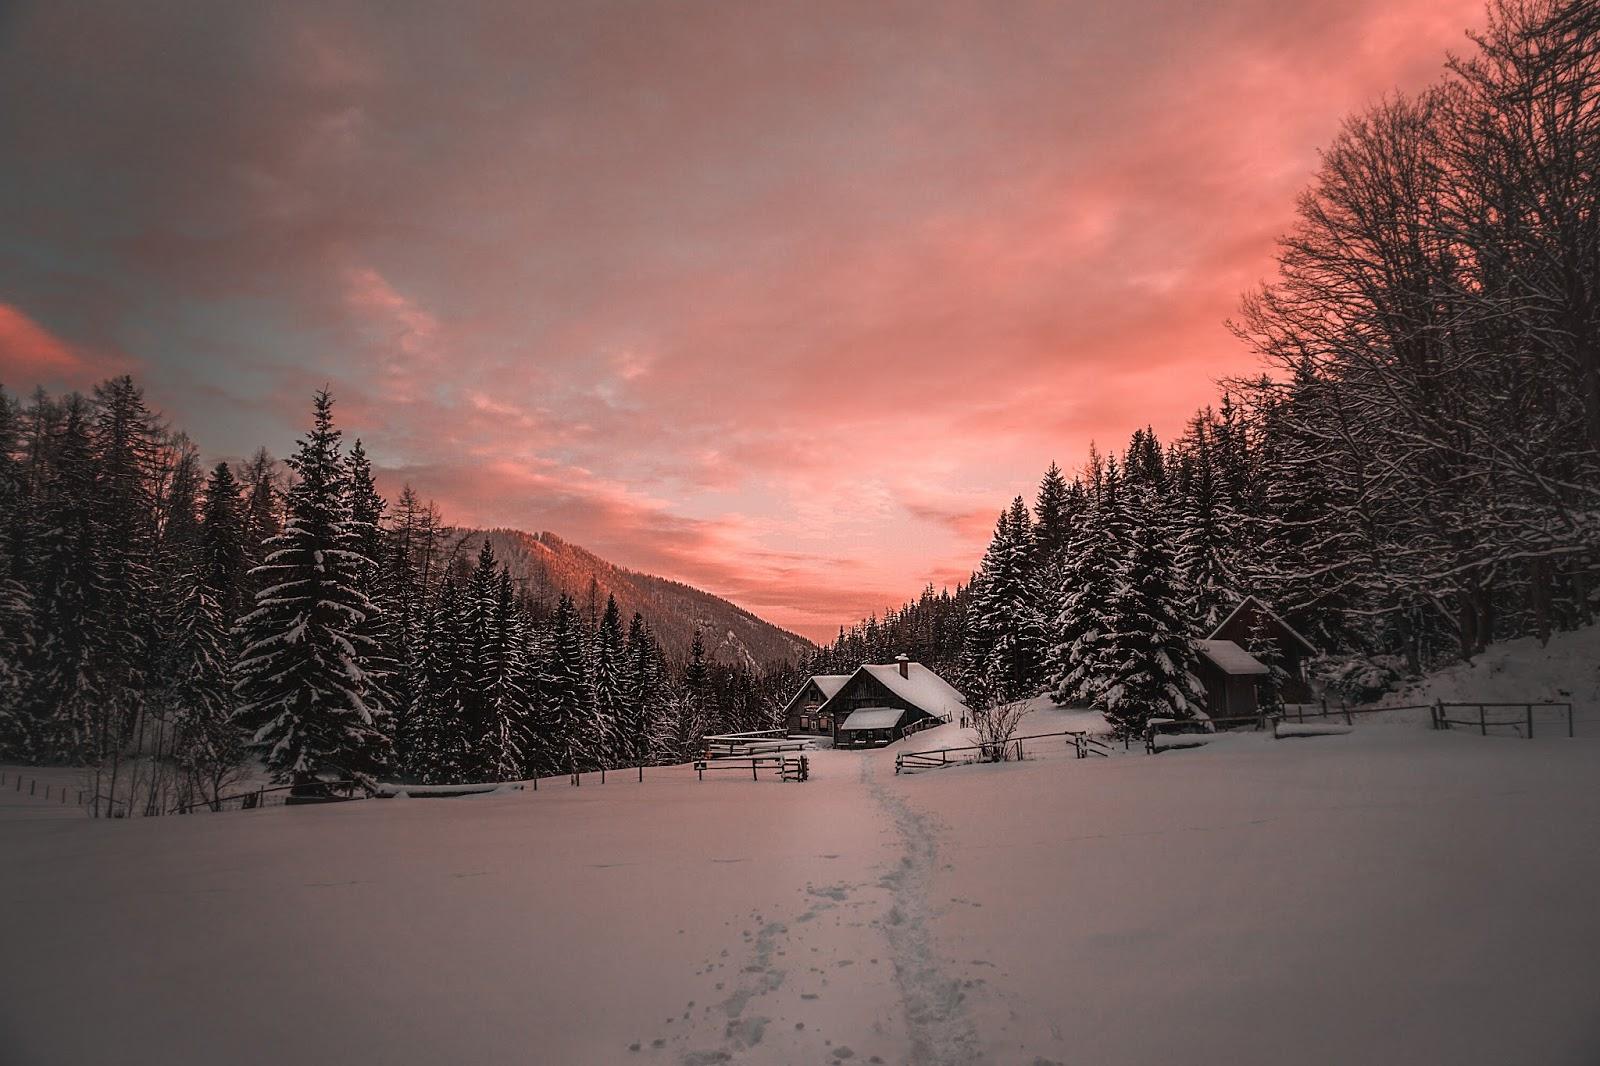 trekking routes near Graz, visitgraz, Graz tourismus, Graz trekking, winter trekking in Austria, Hochlantsch, Mixnitz, lifestyle blog Austria